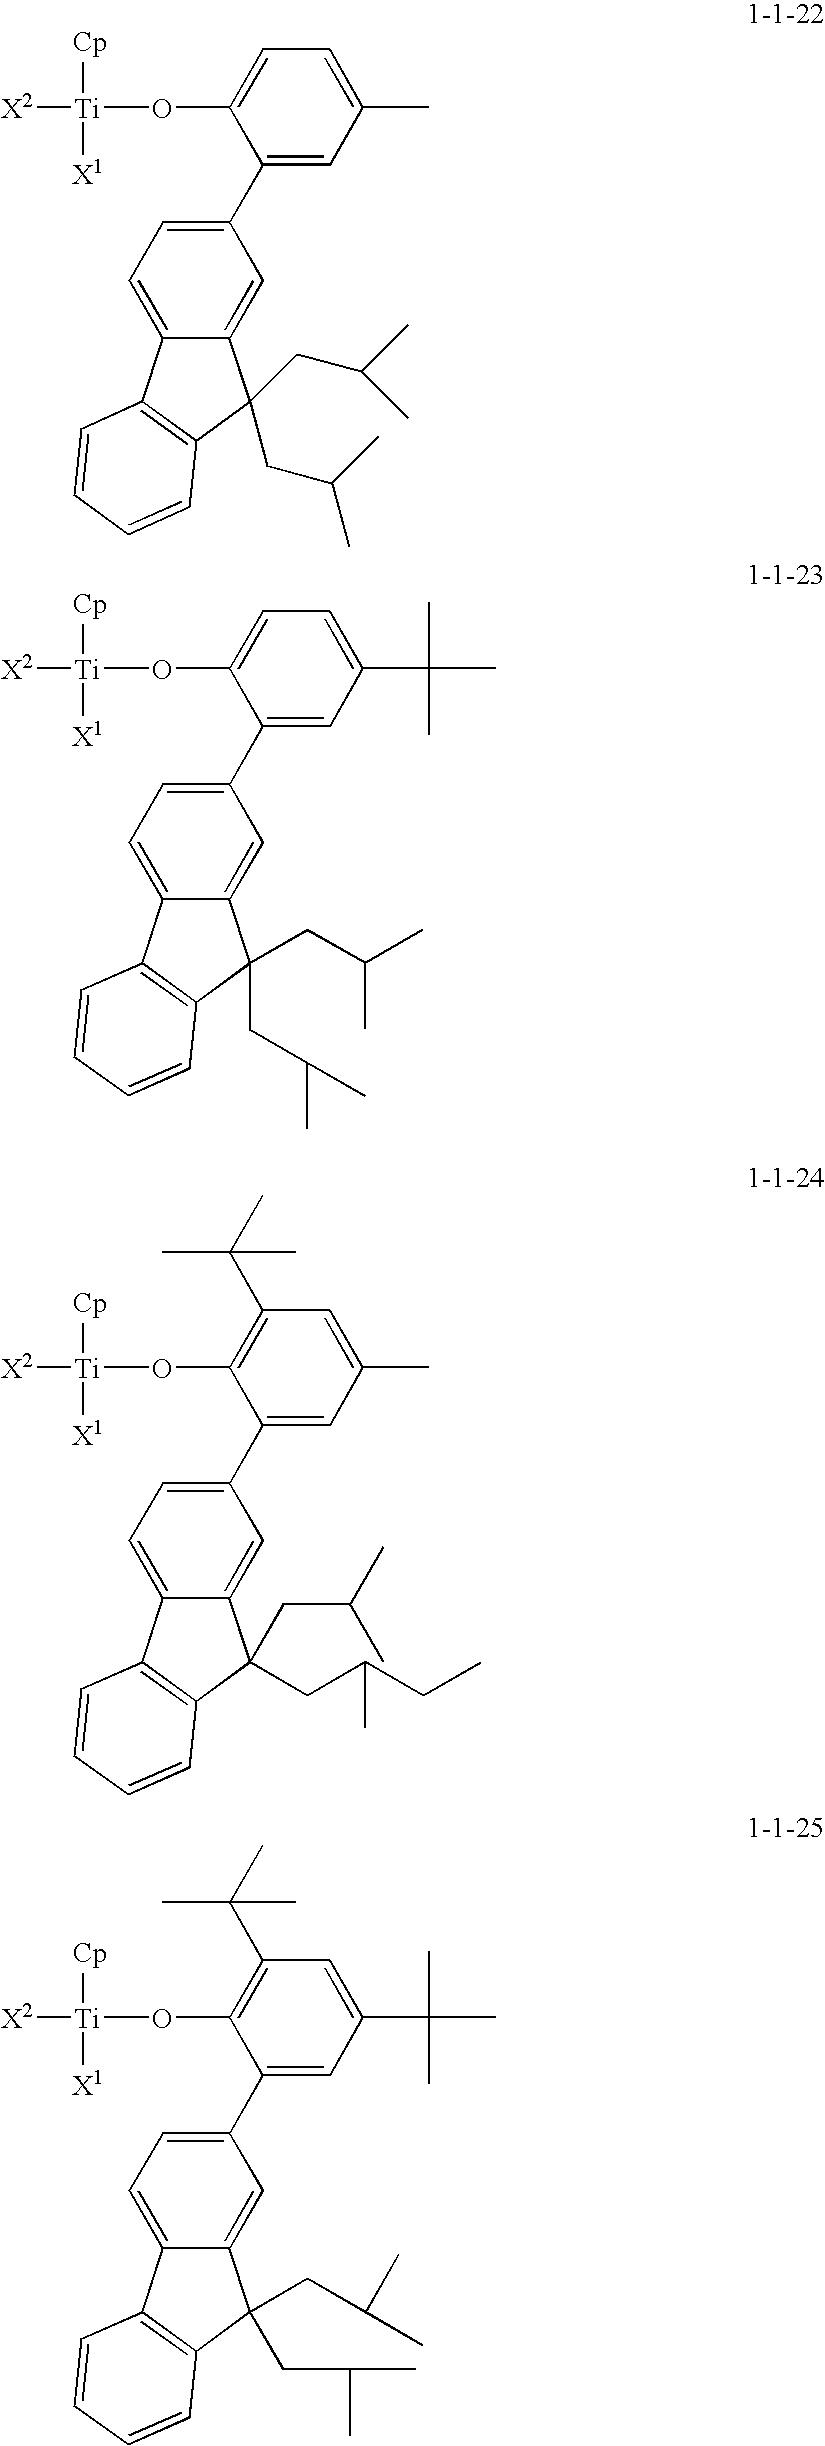 Figure US20100081776A1-20100401-C00075